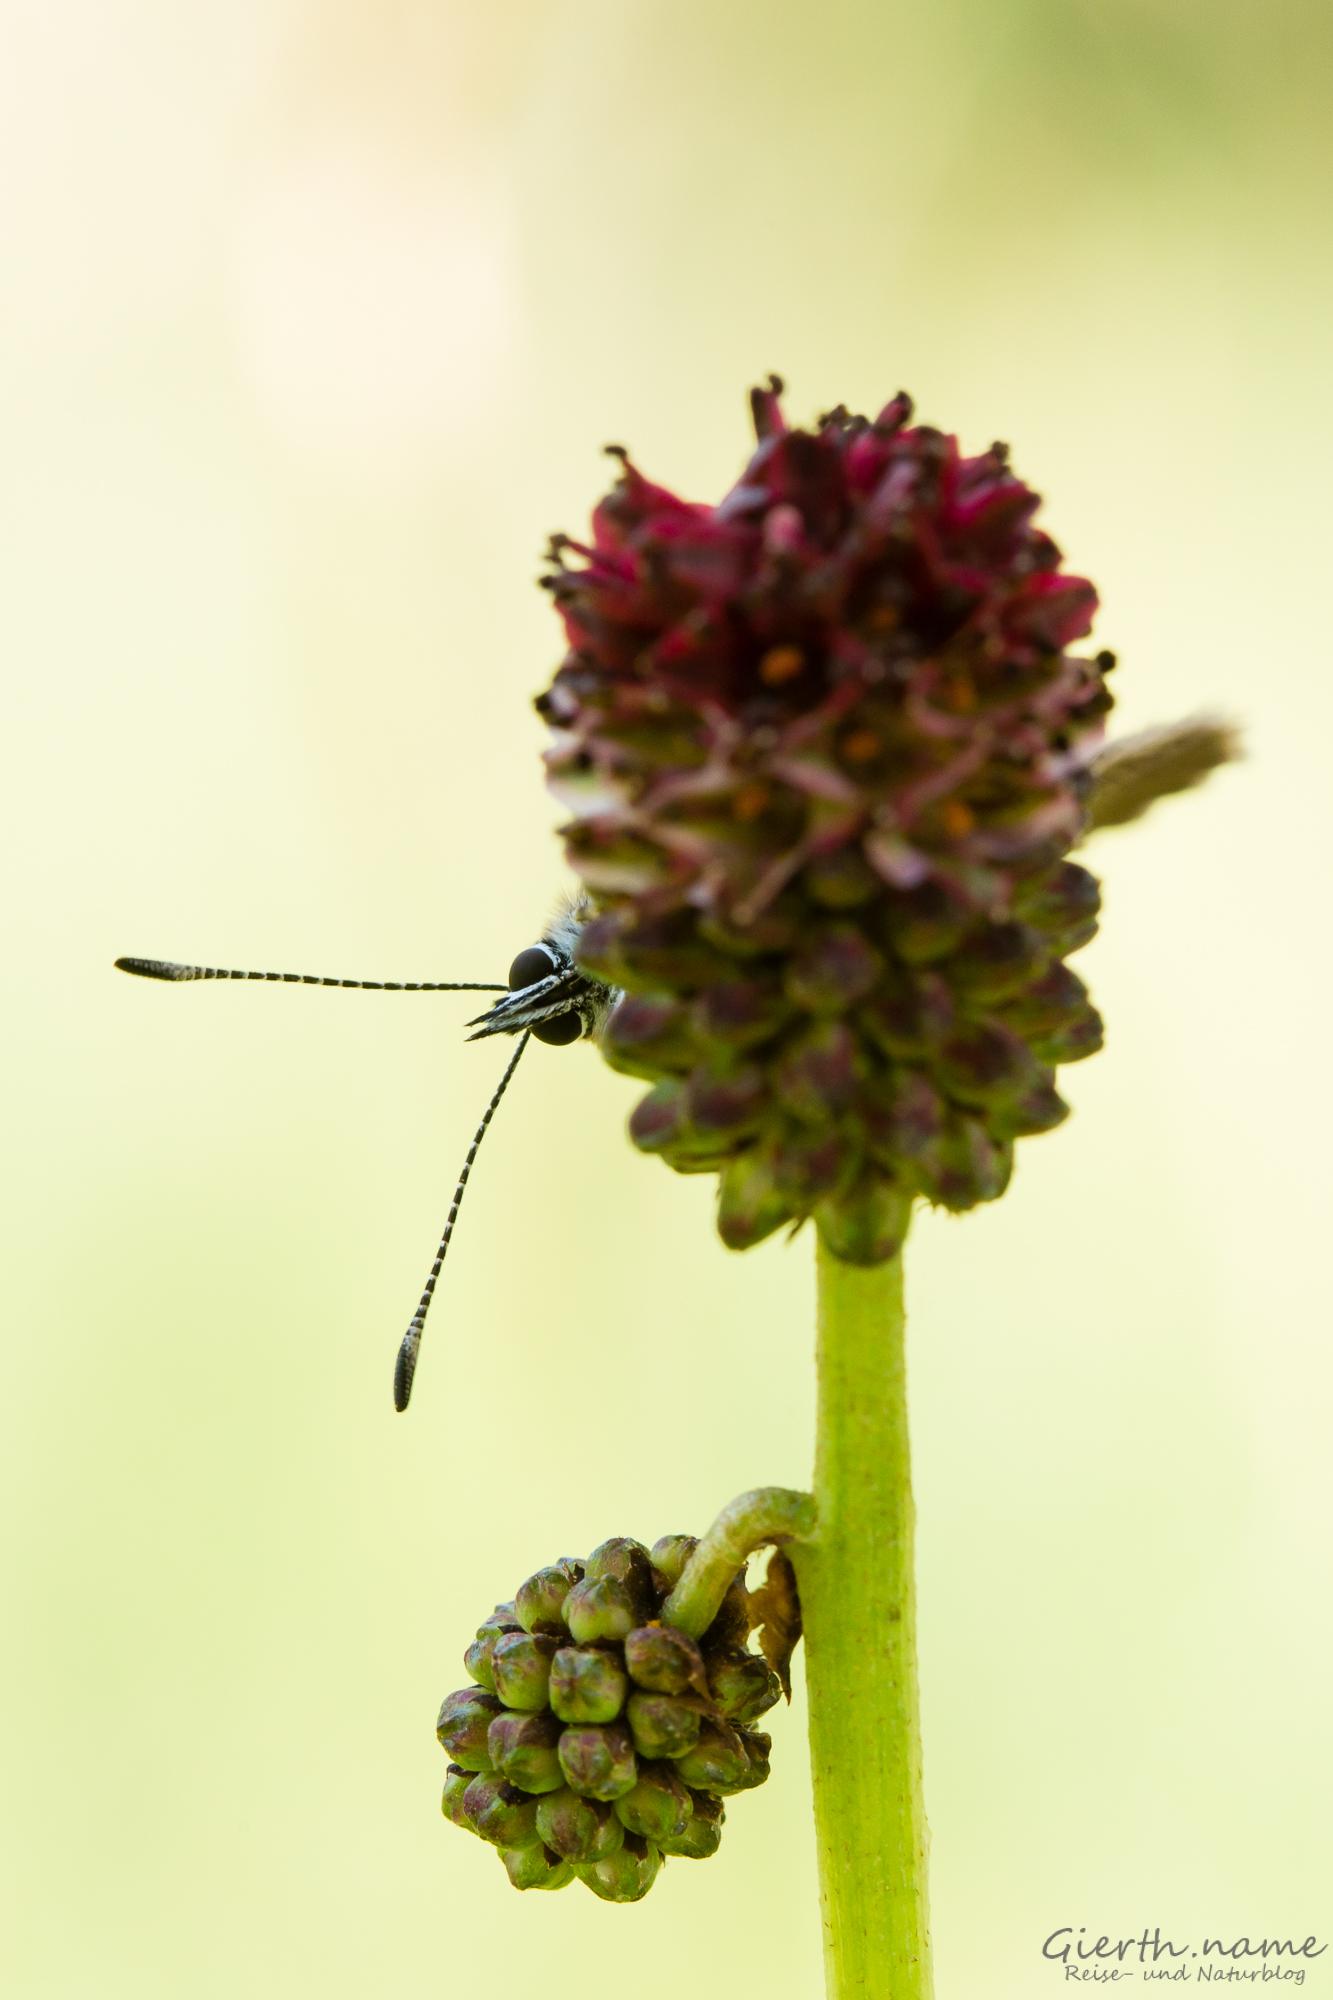 Dunkler Wiesenknopf-Ameisenbläuling - Phengaris nausithous - bei der Eiablage